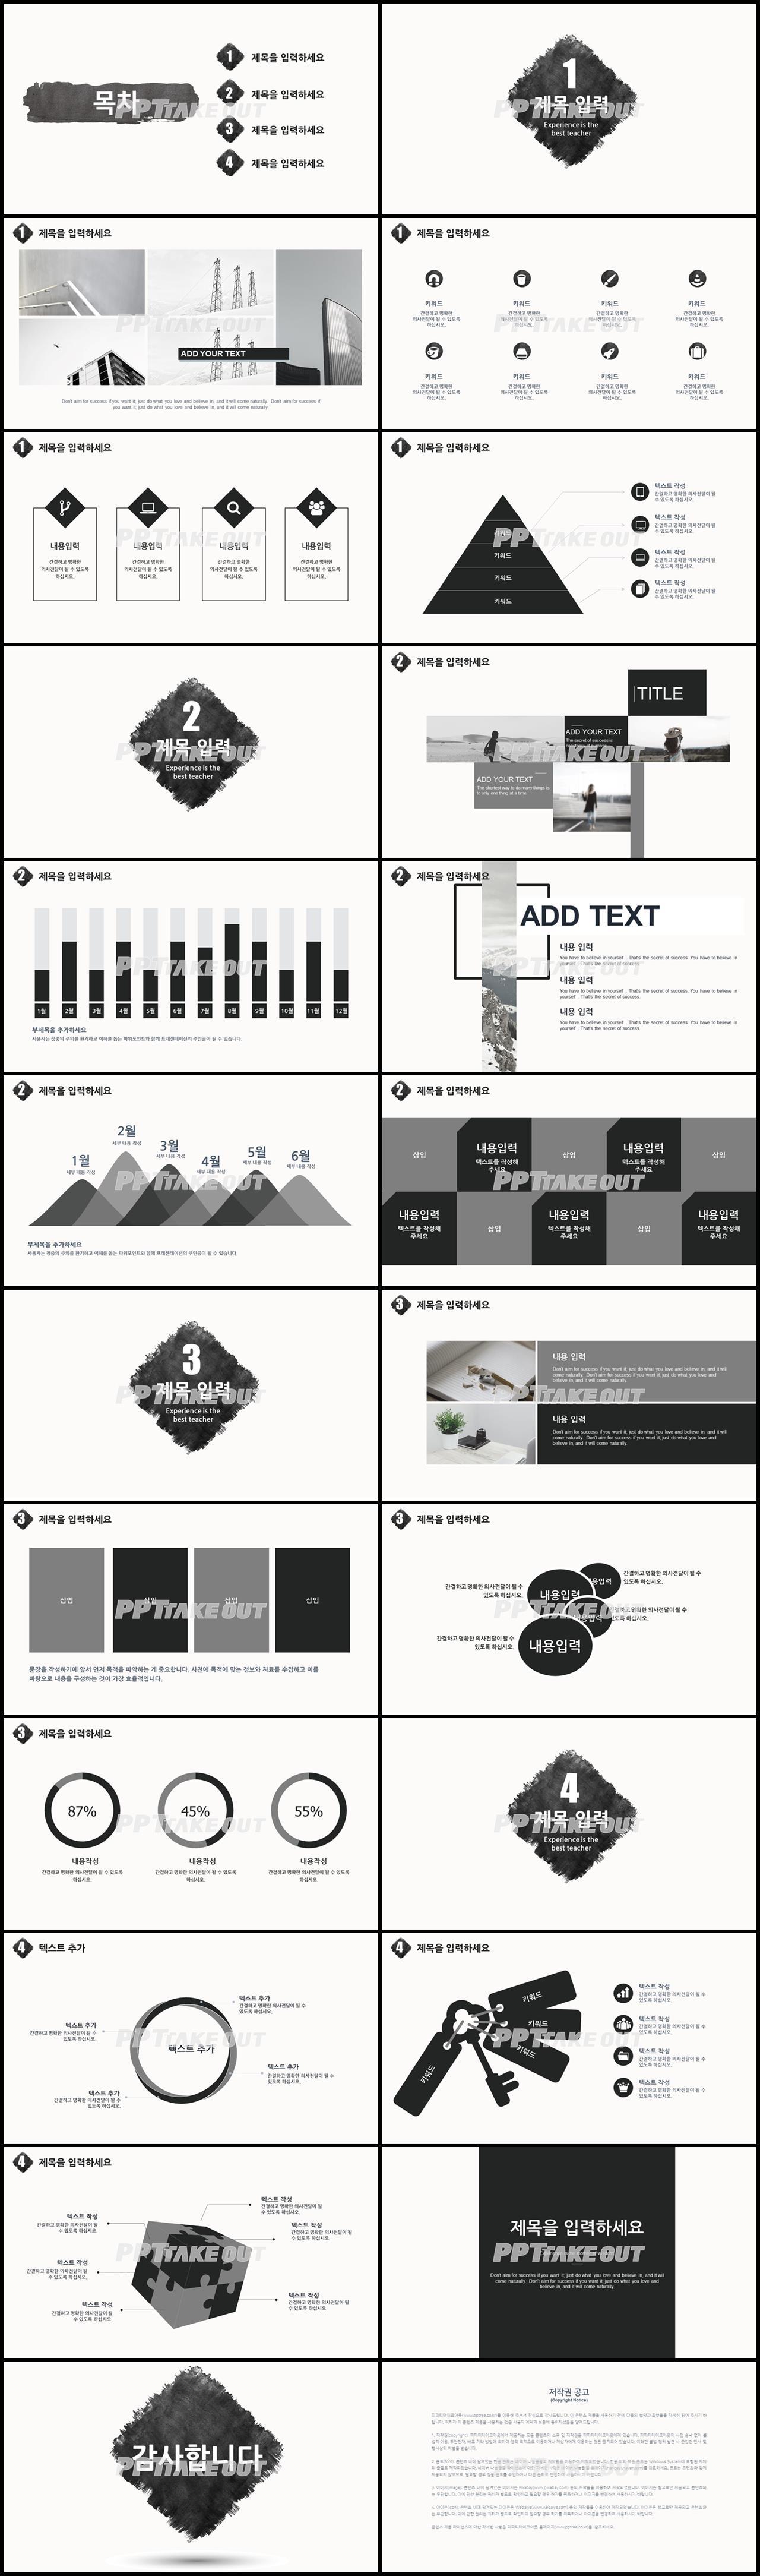 금융투자 블랙 스타일 나는 프레젠테이션 파워포인트배경 만들기 상세보기